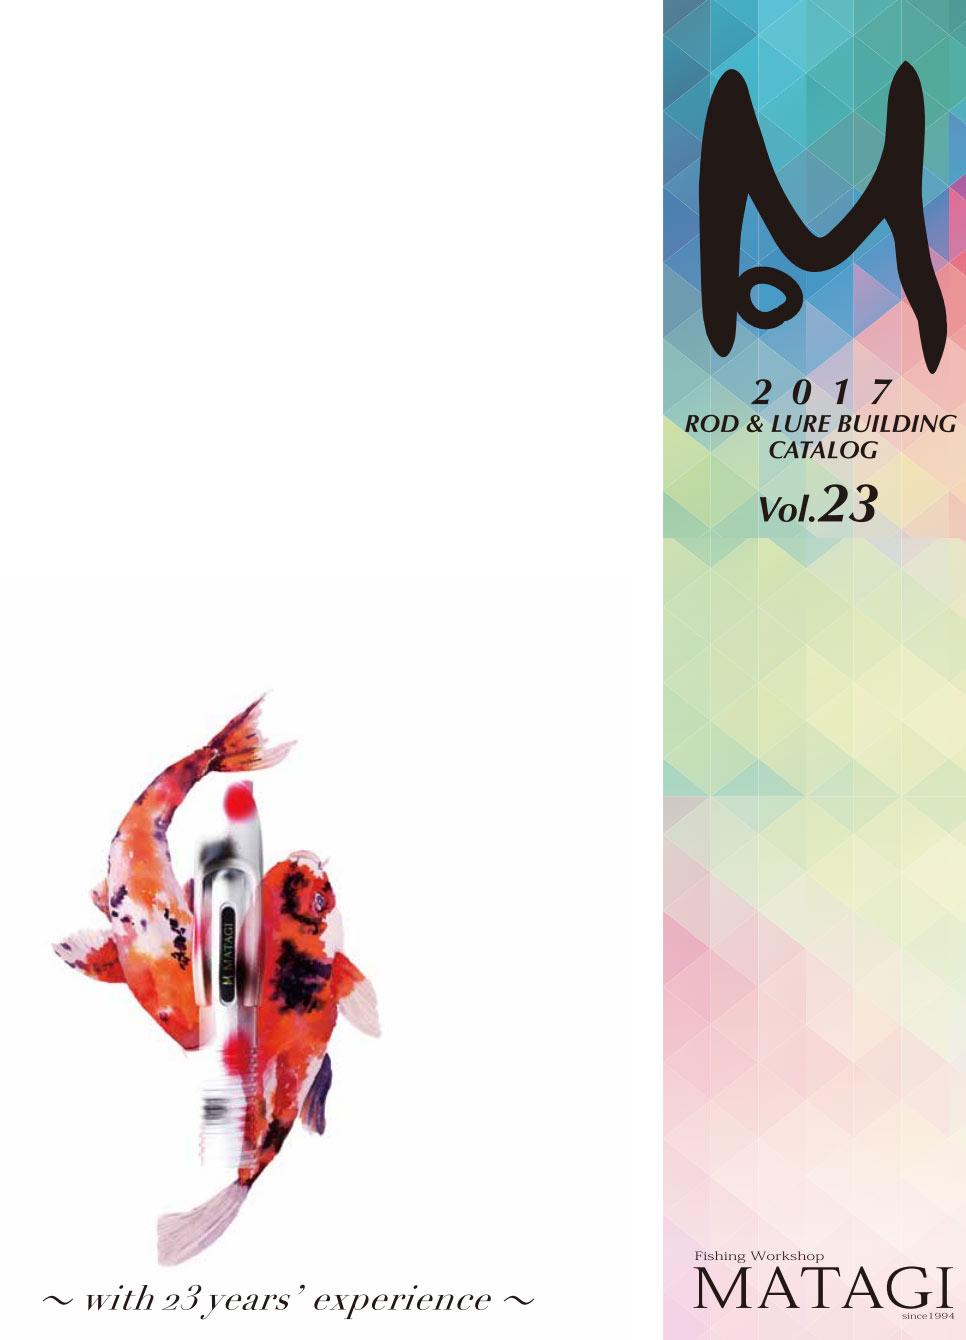 Matagi Katalog 2017